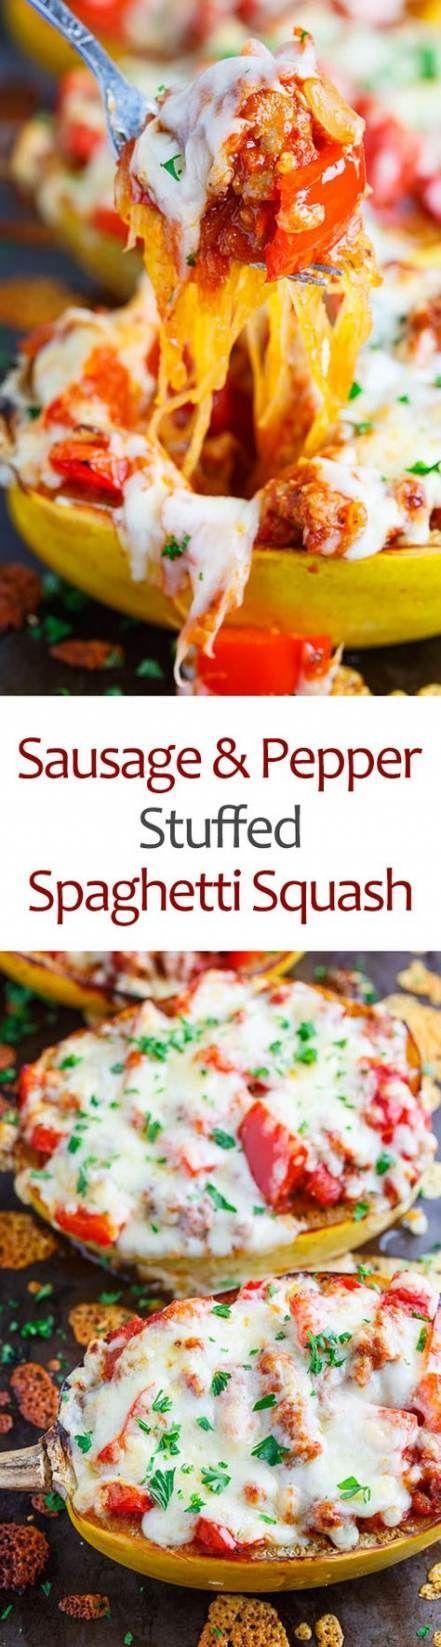 Trendy pasta sausage zucchini spaghetti squash ideas - #Ideas #Pasta #sausage #Spaghetti #Squash #Trendy #Zucchini #spagettisquashrecipes